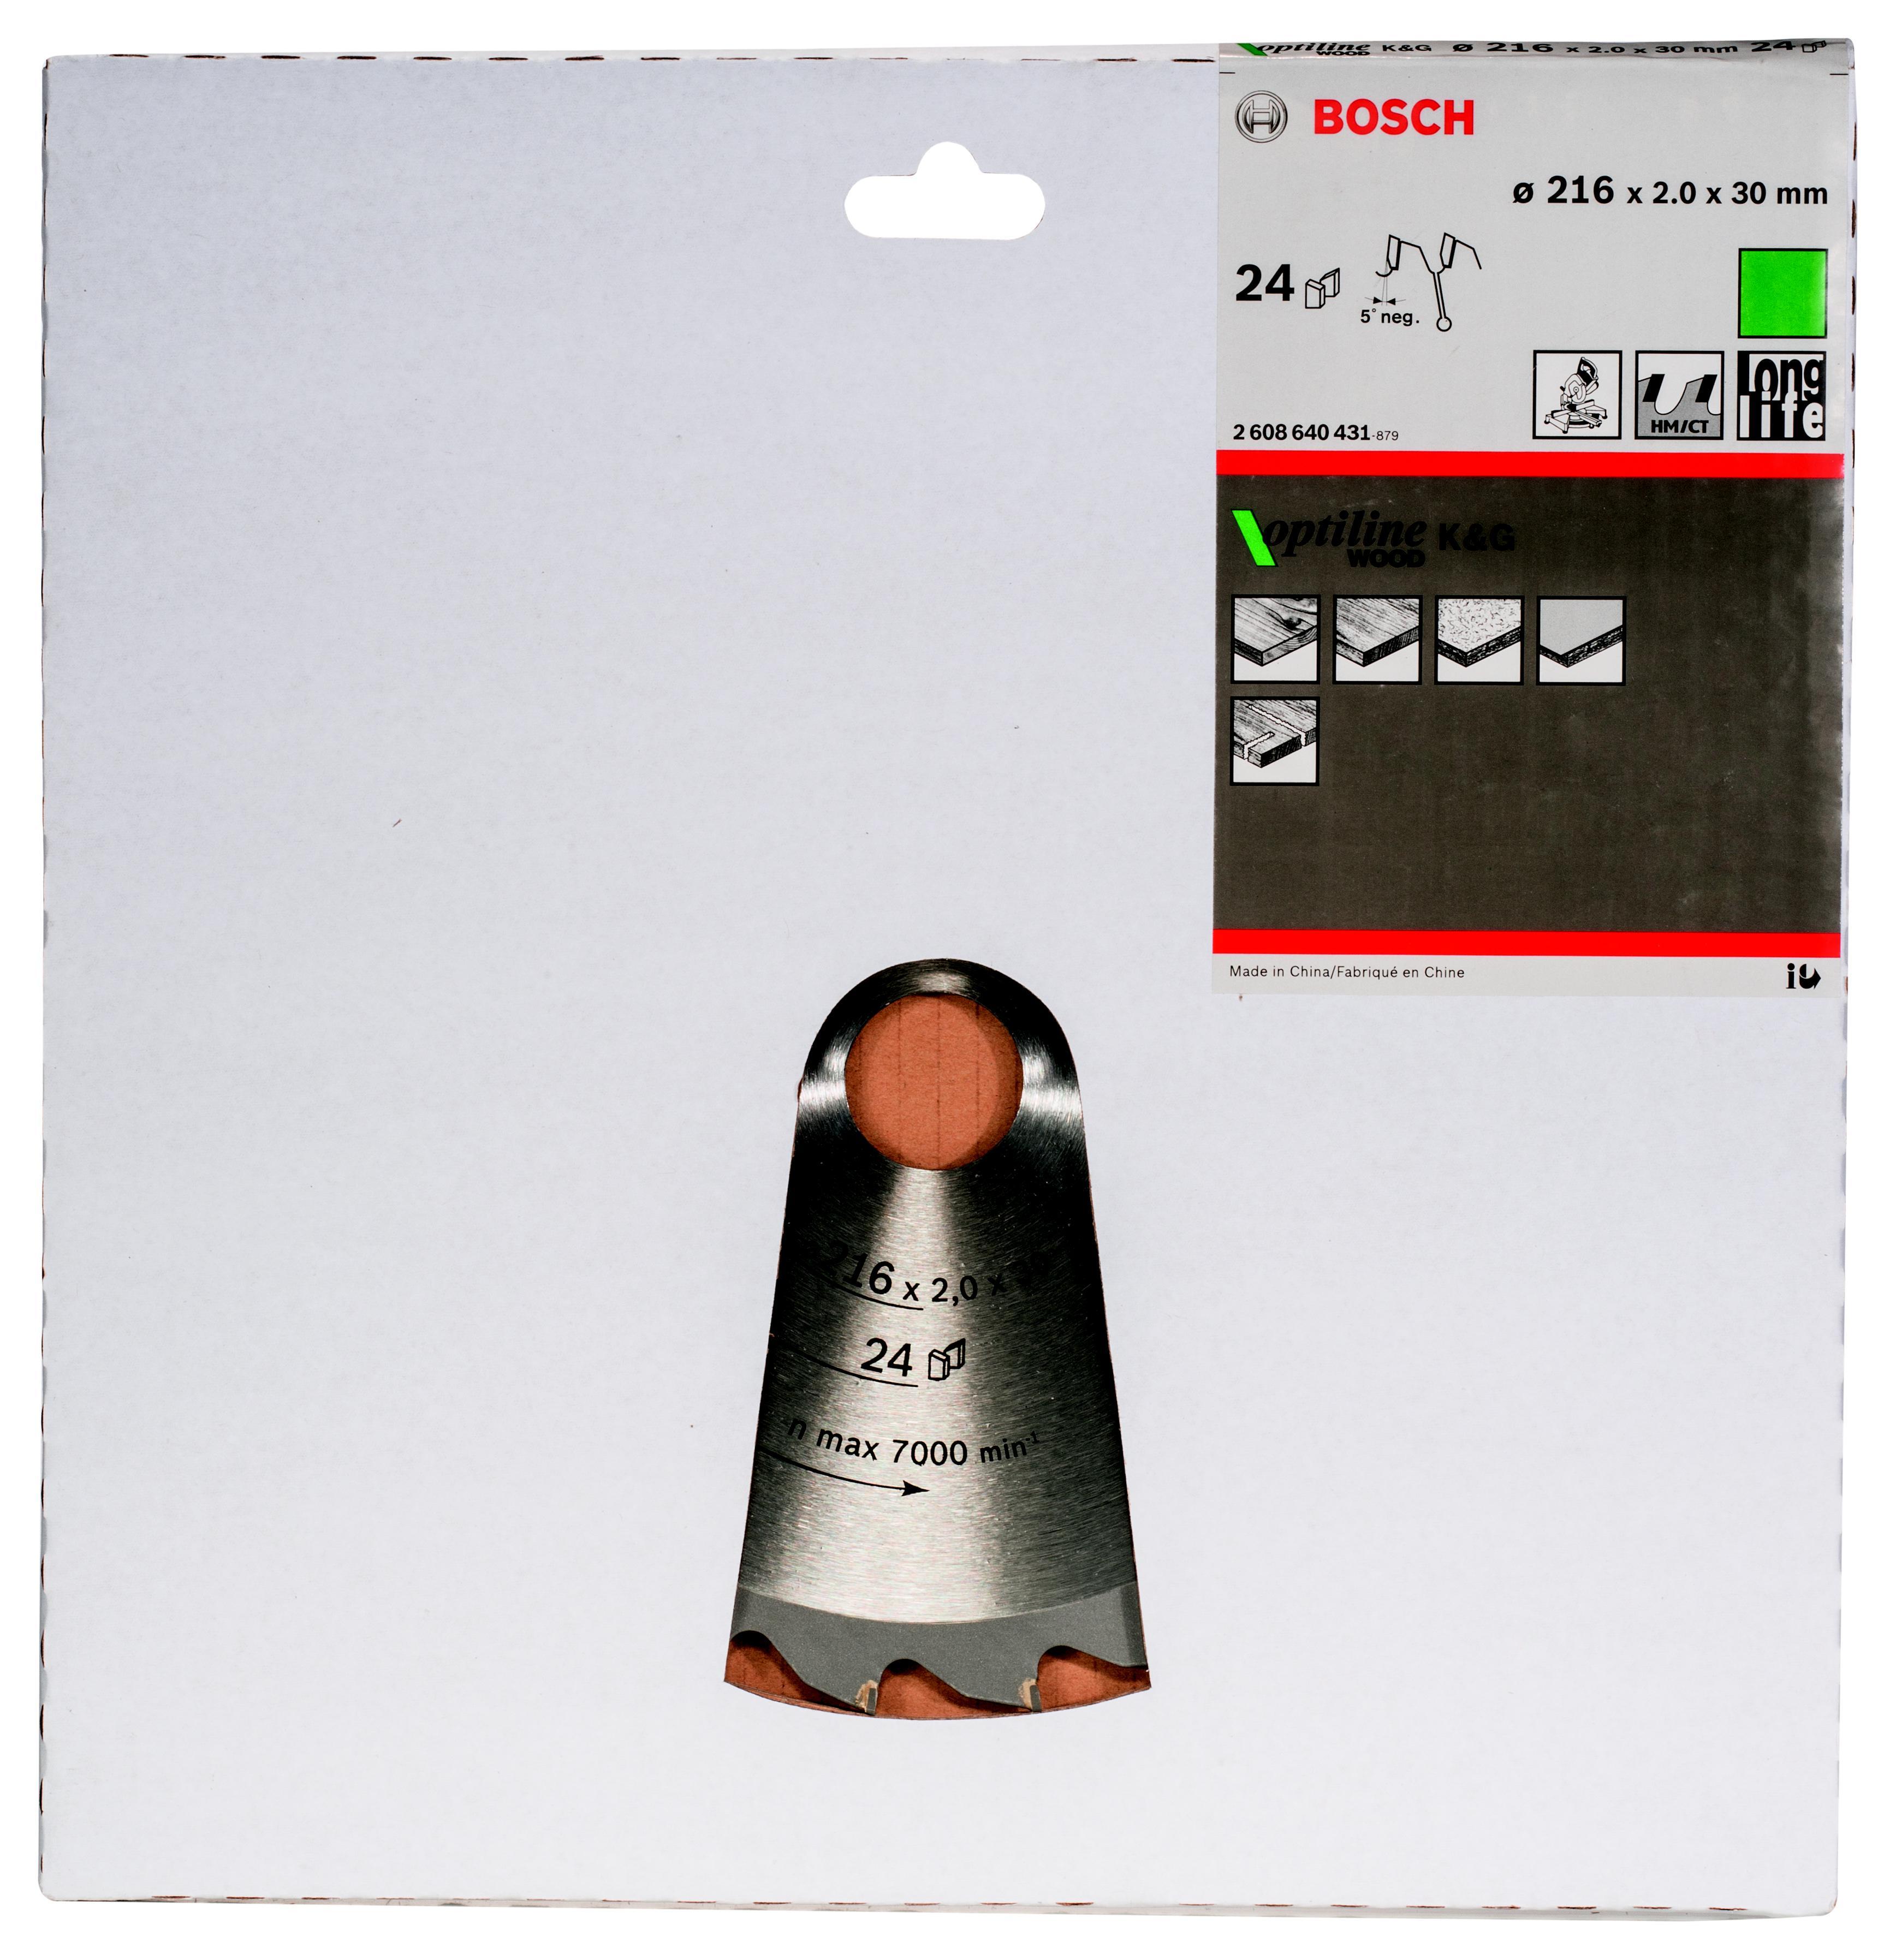 Диск пильный твердосплавный Bosch Optiline wood 216x24x30 (2.608.640.431) диск пильный твердосплавный bosch optiline wood 305x60x30 gcm 12 2 608 640 441